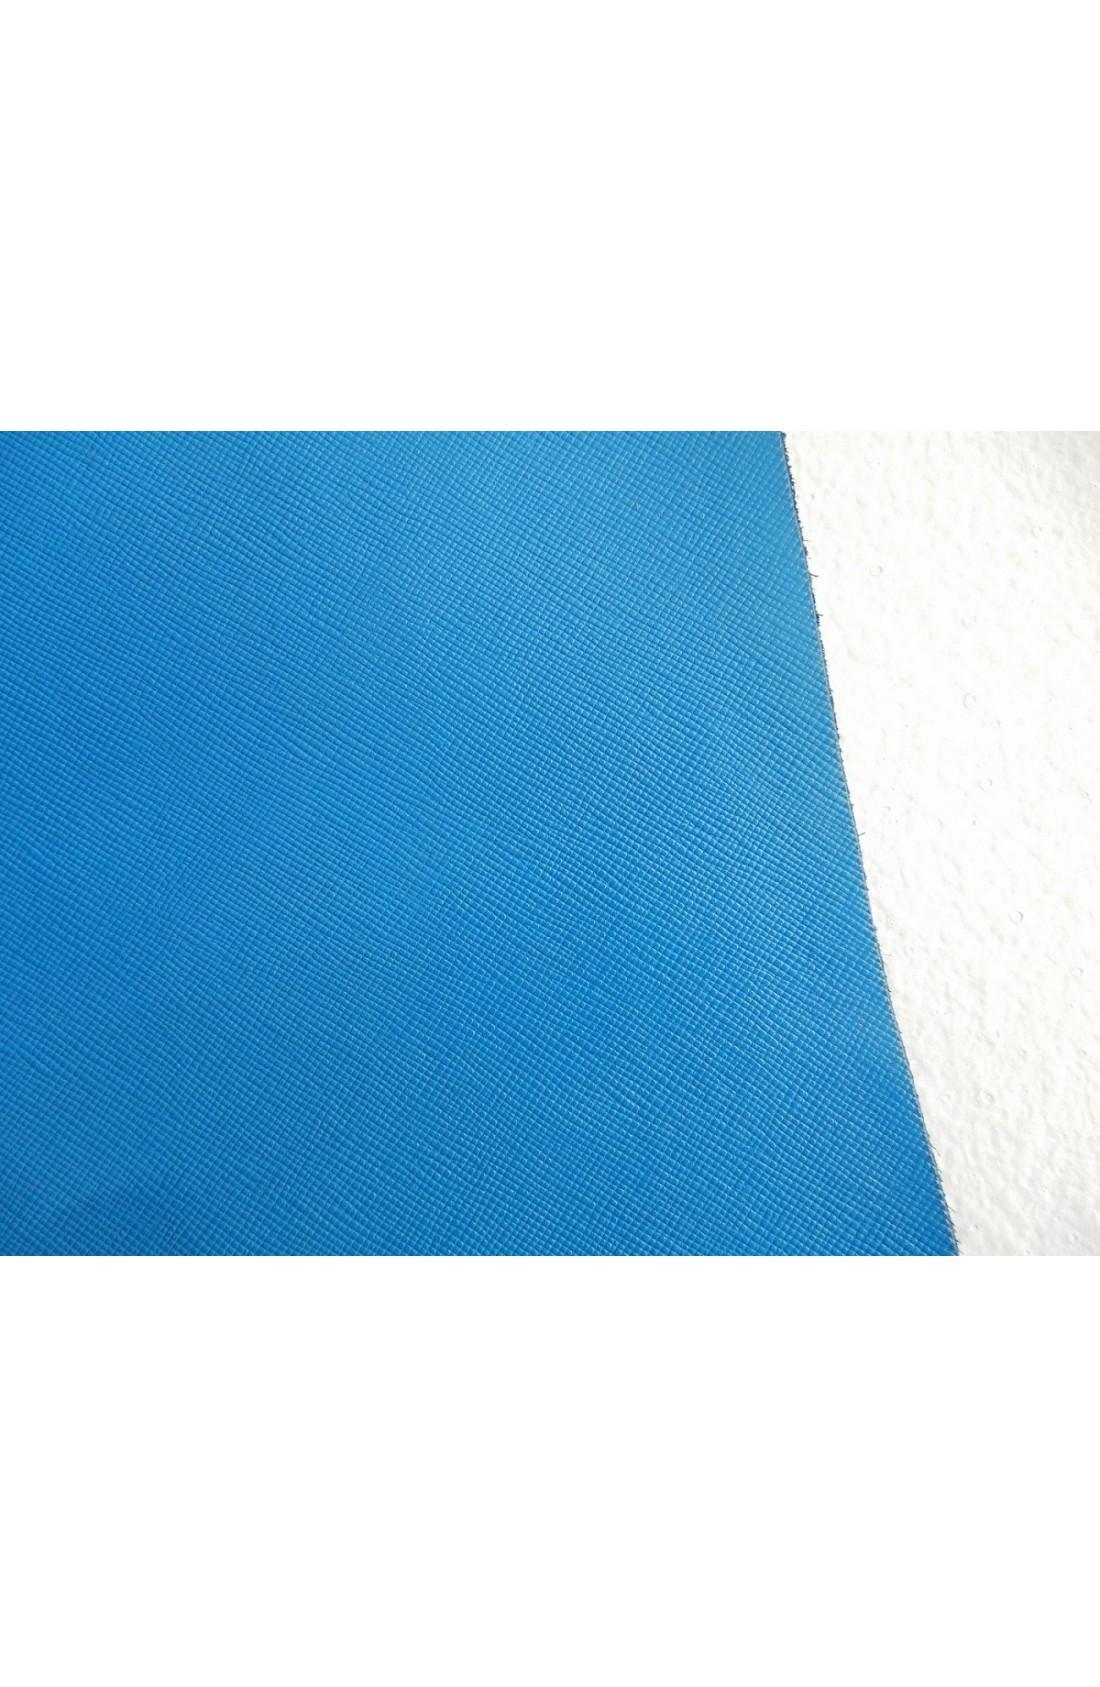 art. 47 SAFFIANO var.53 azzurro (1)